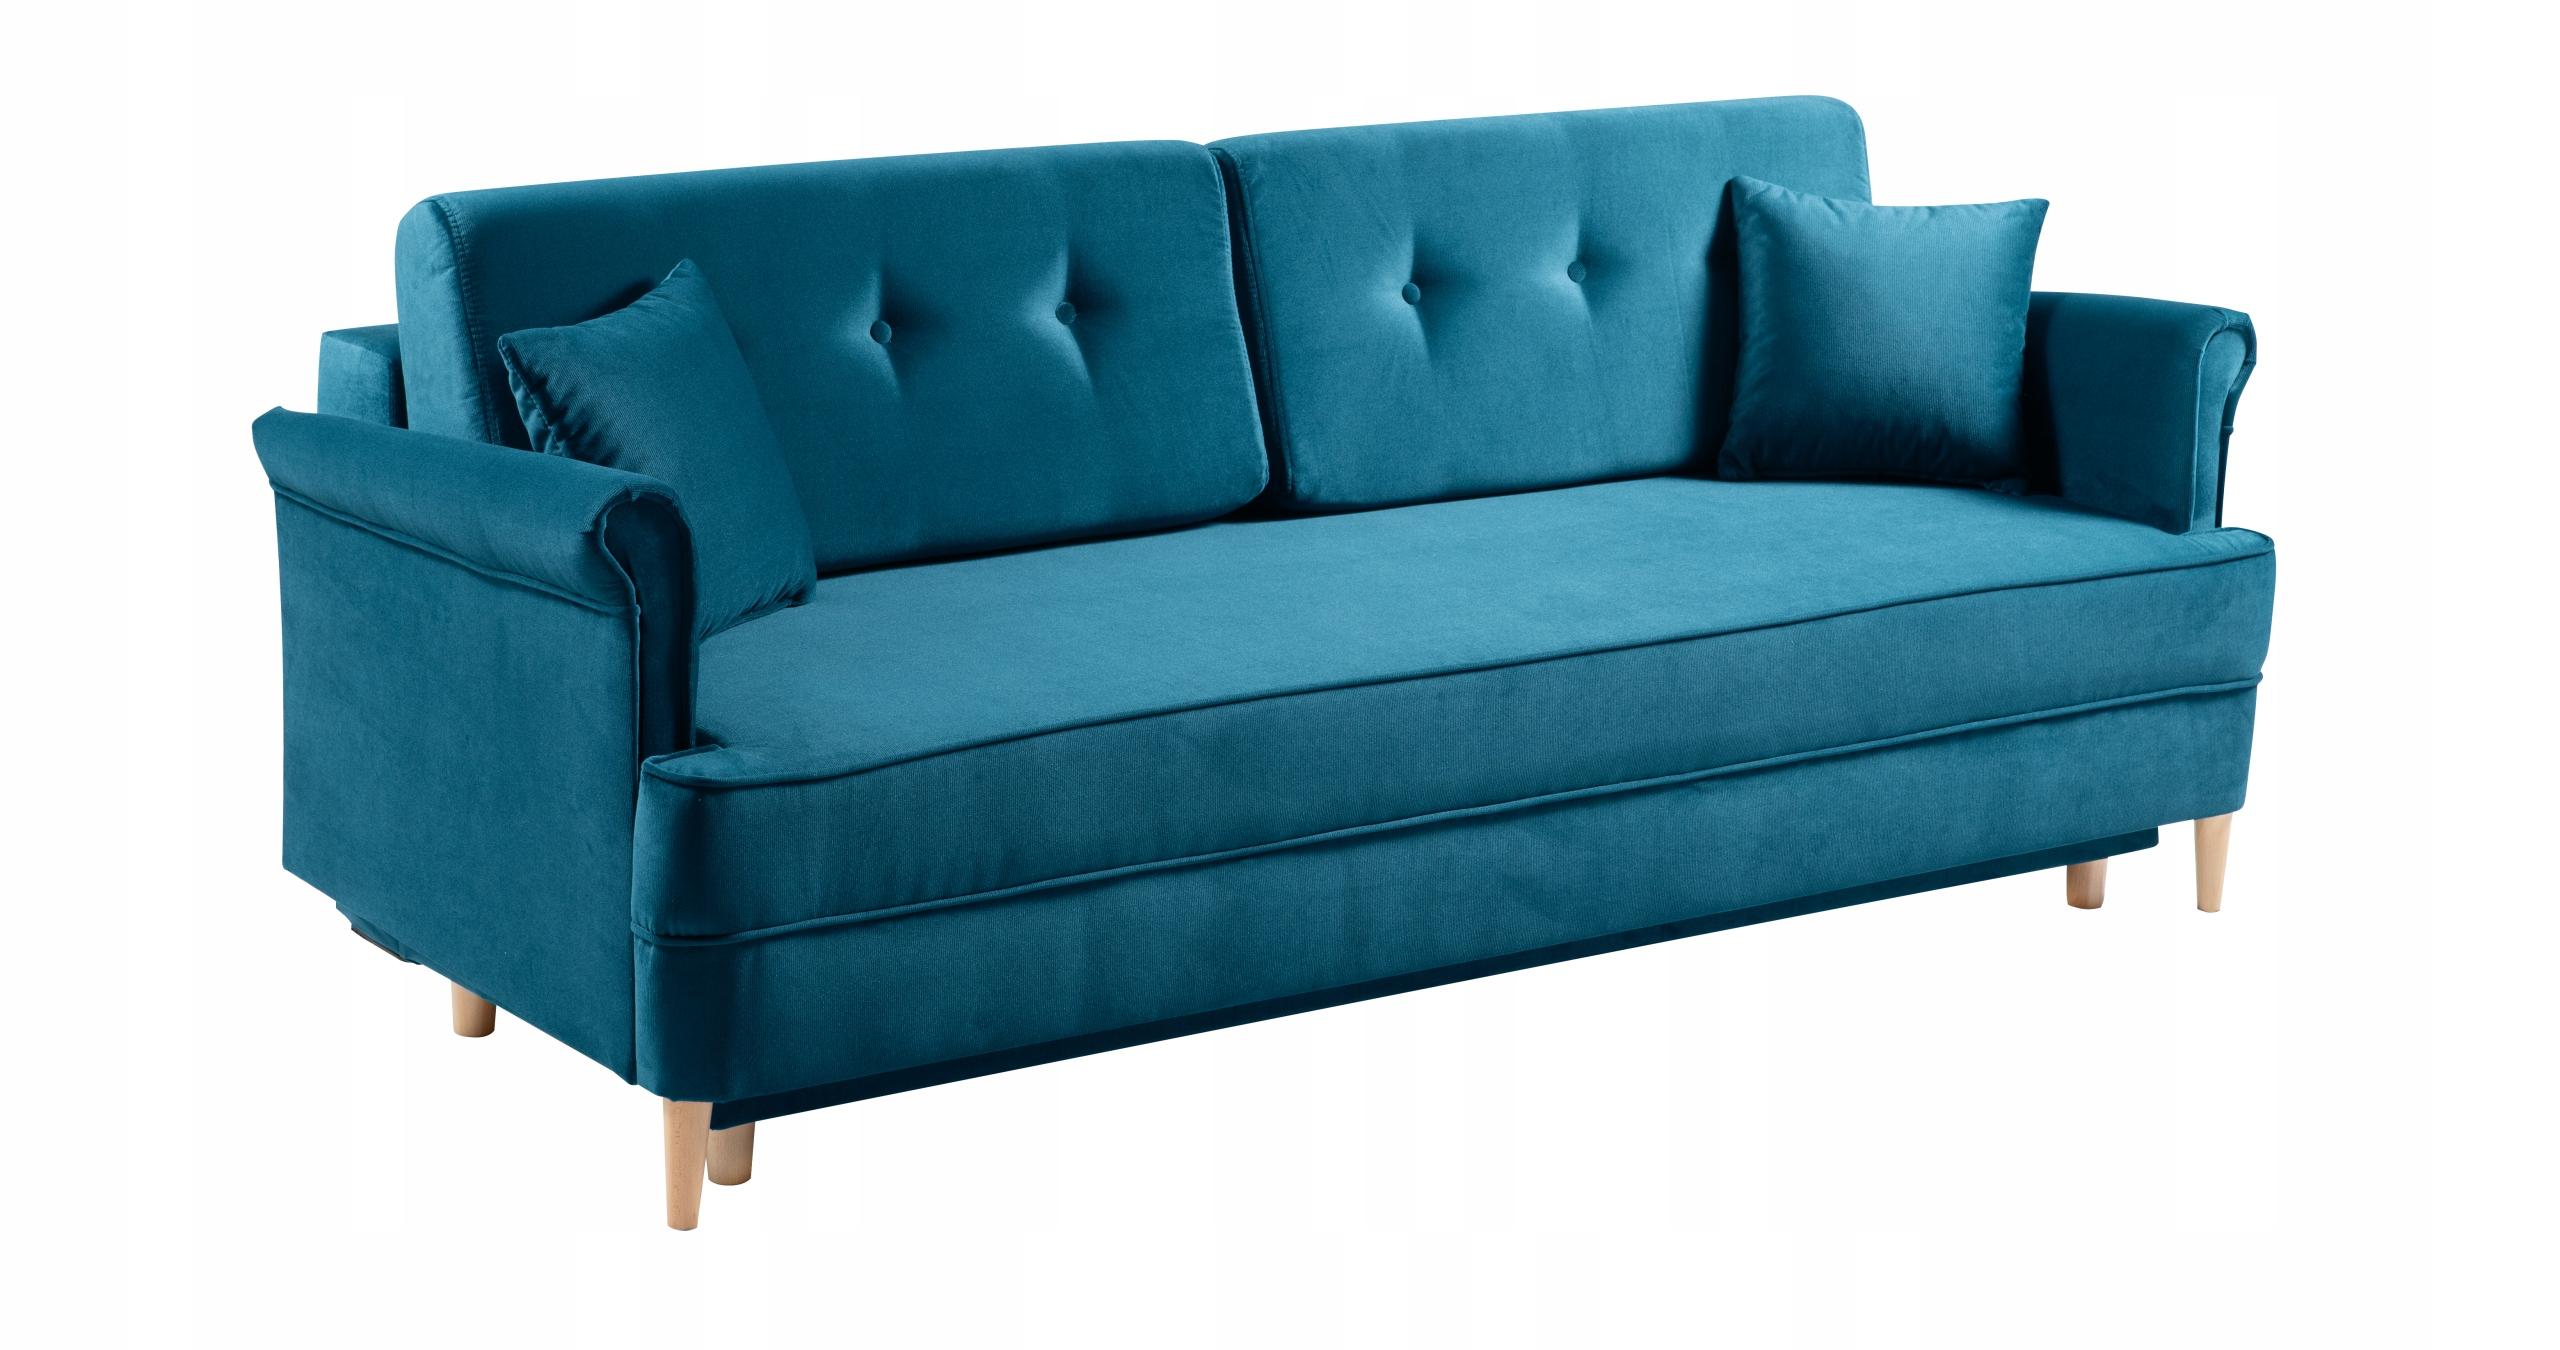 LUIS Sofa stilvolle Sofa Schlafbehälter Farben Kollektion ELN51